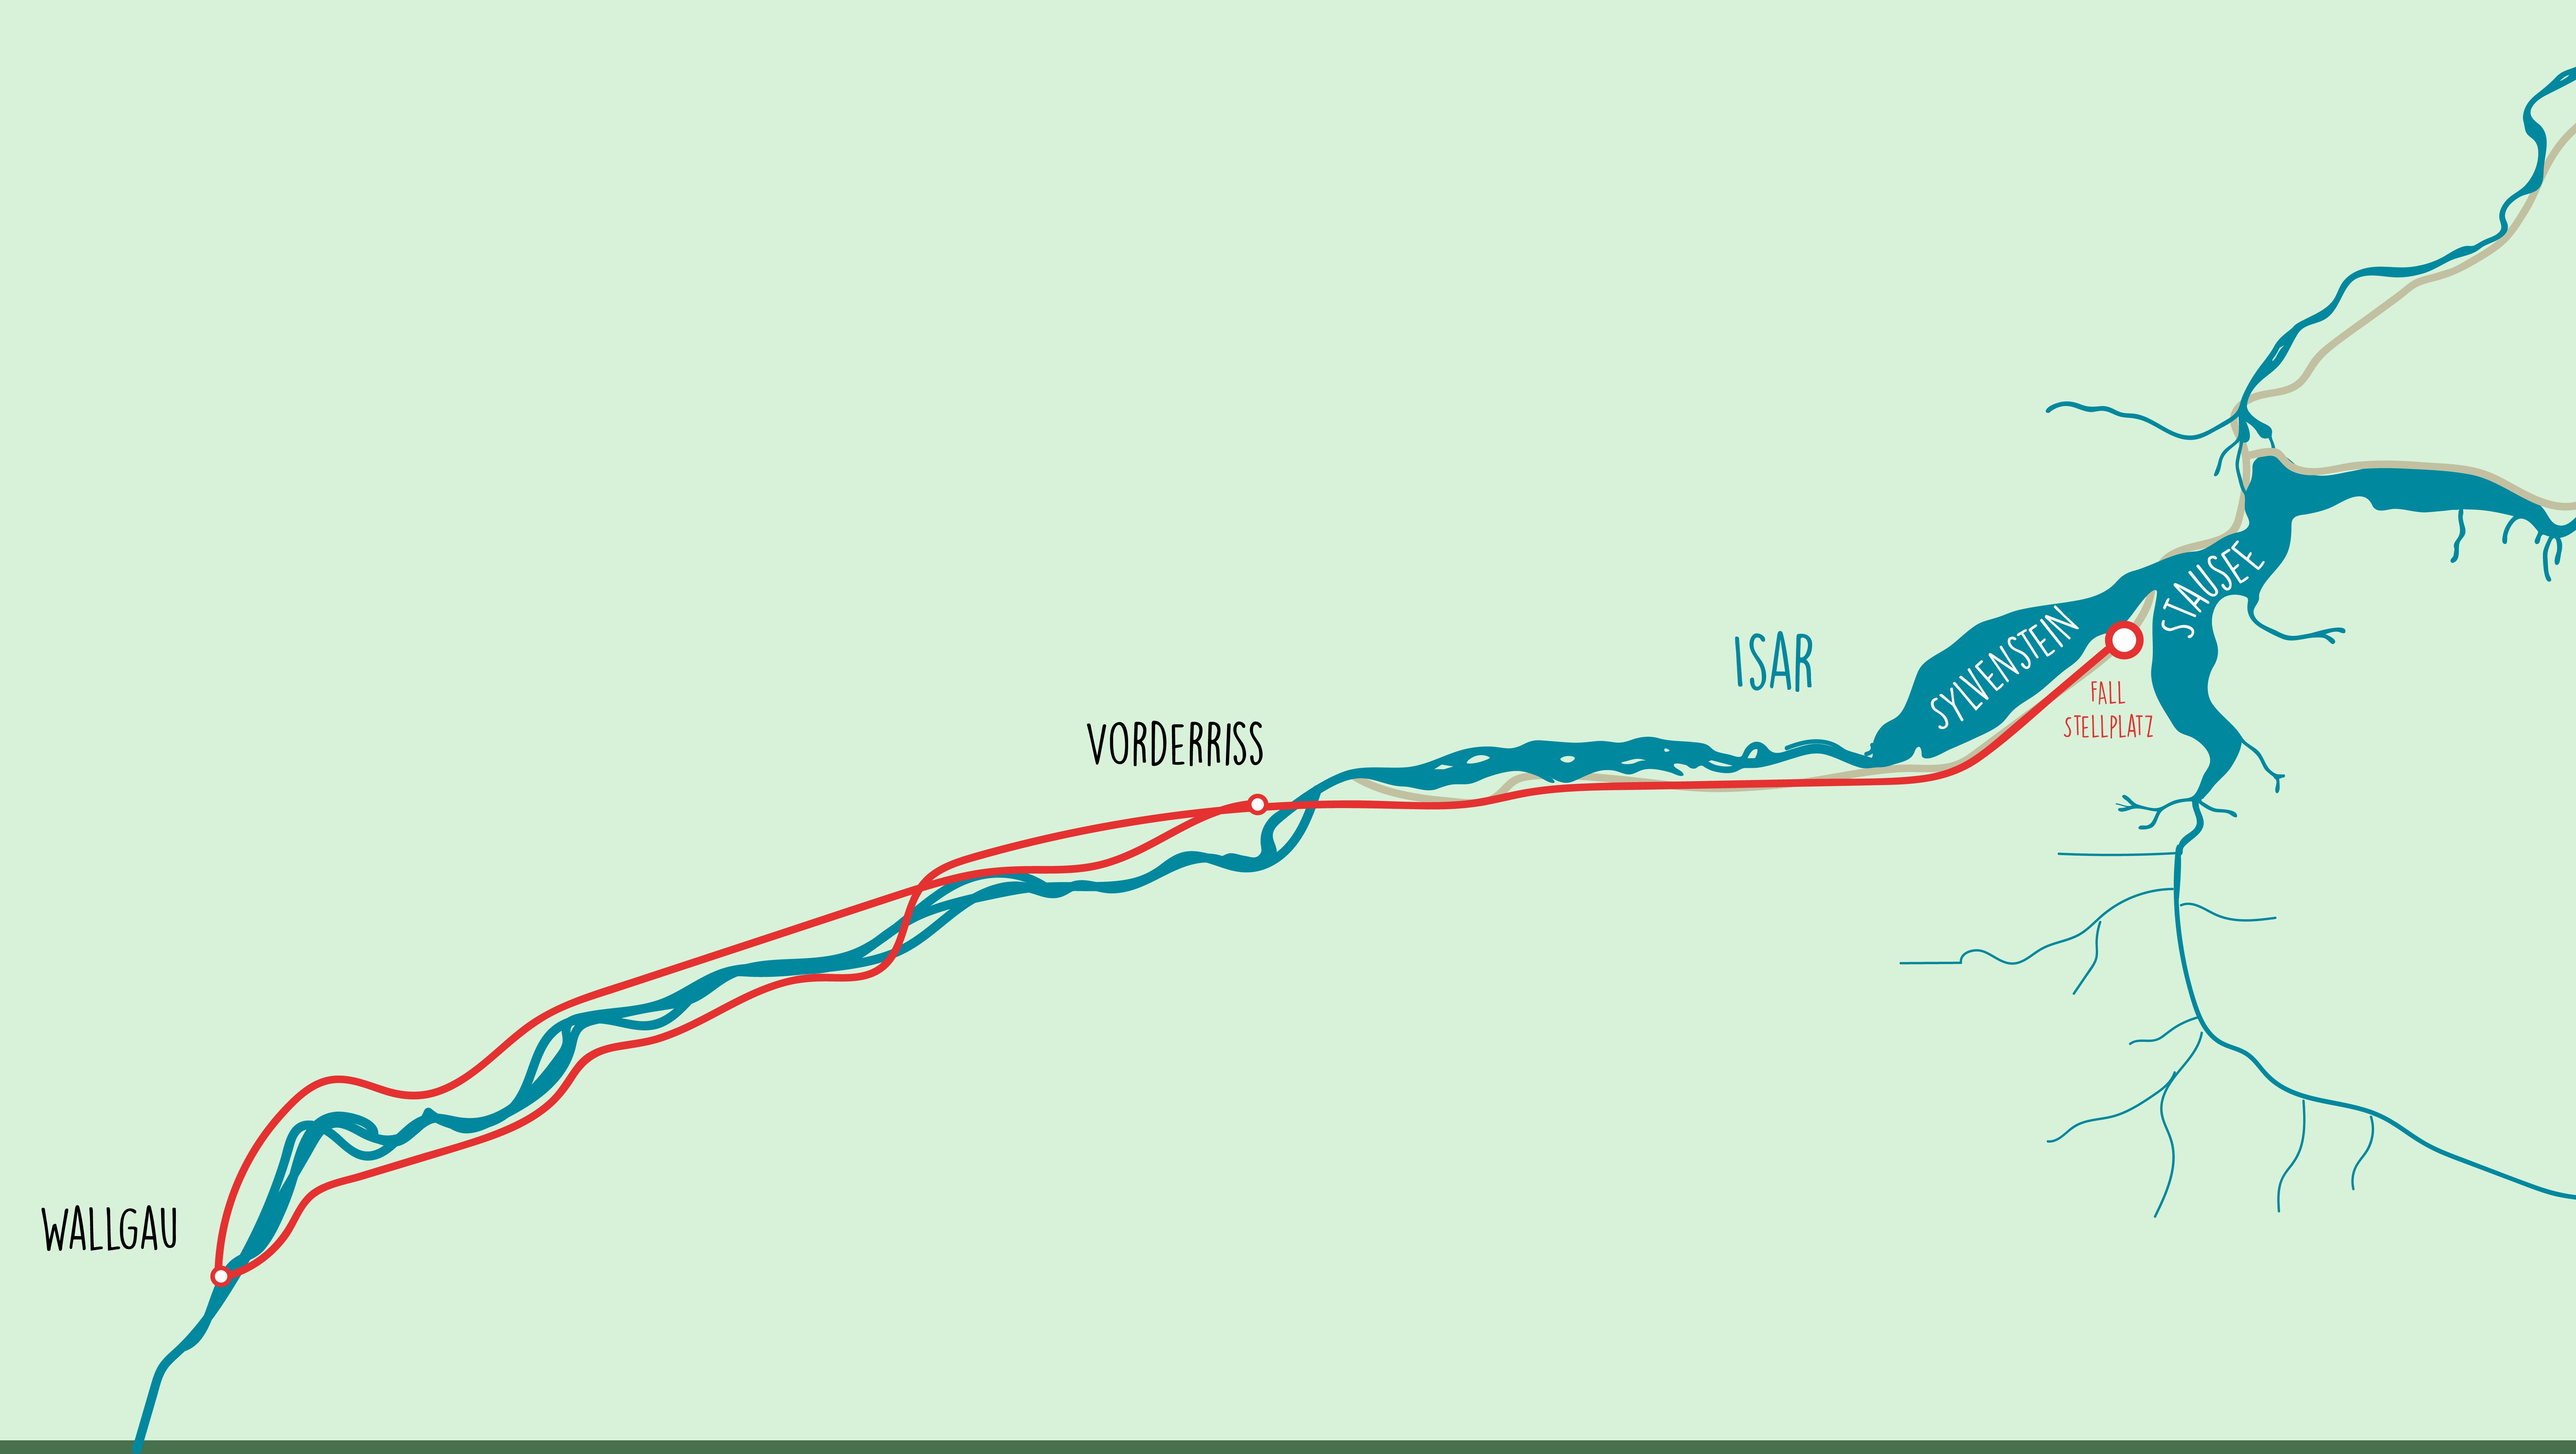 Eine abwechslungsreiche Strecke an der Isar entlang